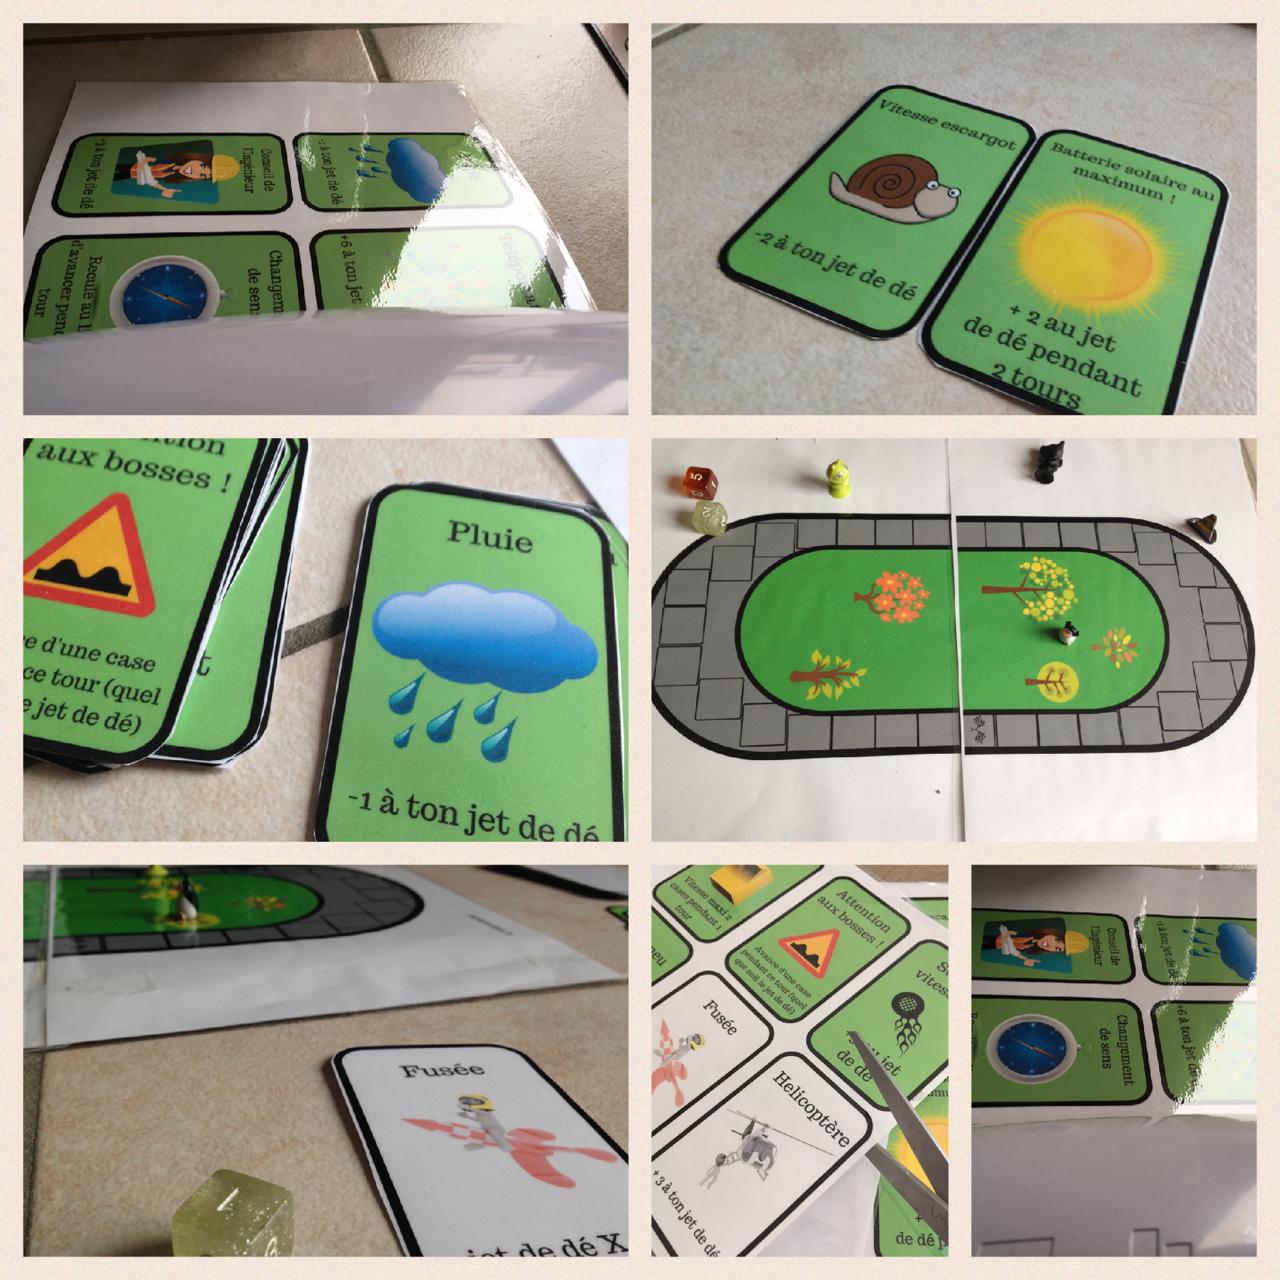 Jeu De Course Magique Et Écologique (Téléchargement Gratuit) tout Telecharger Jeux De Course De Voiture Gratuit